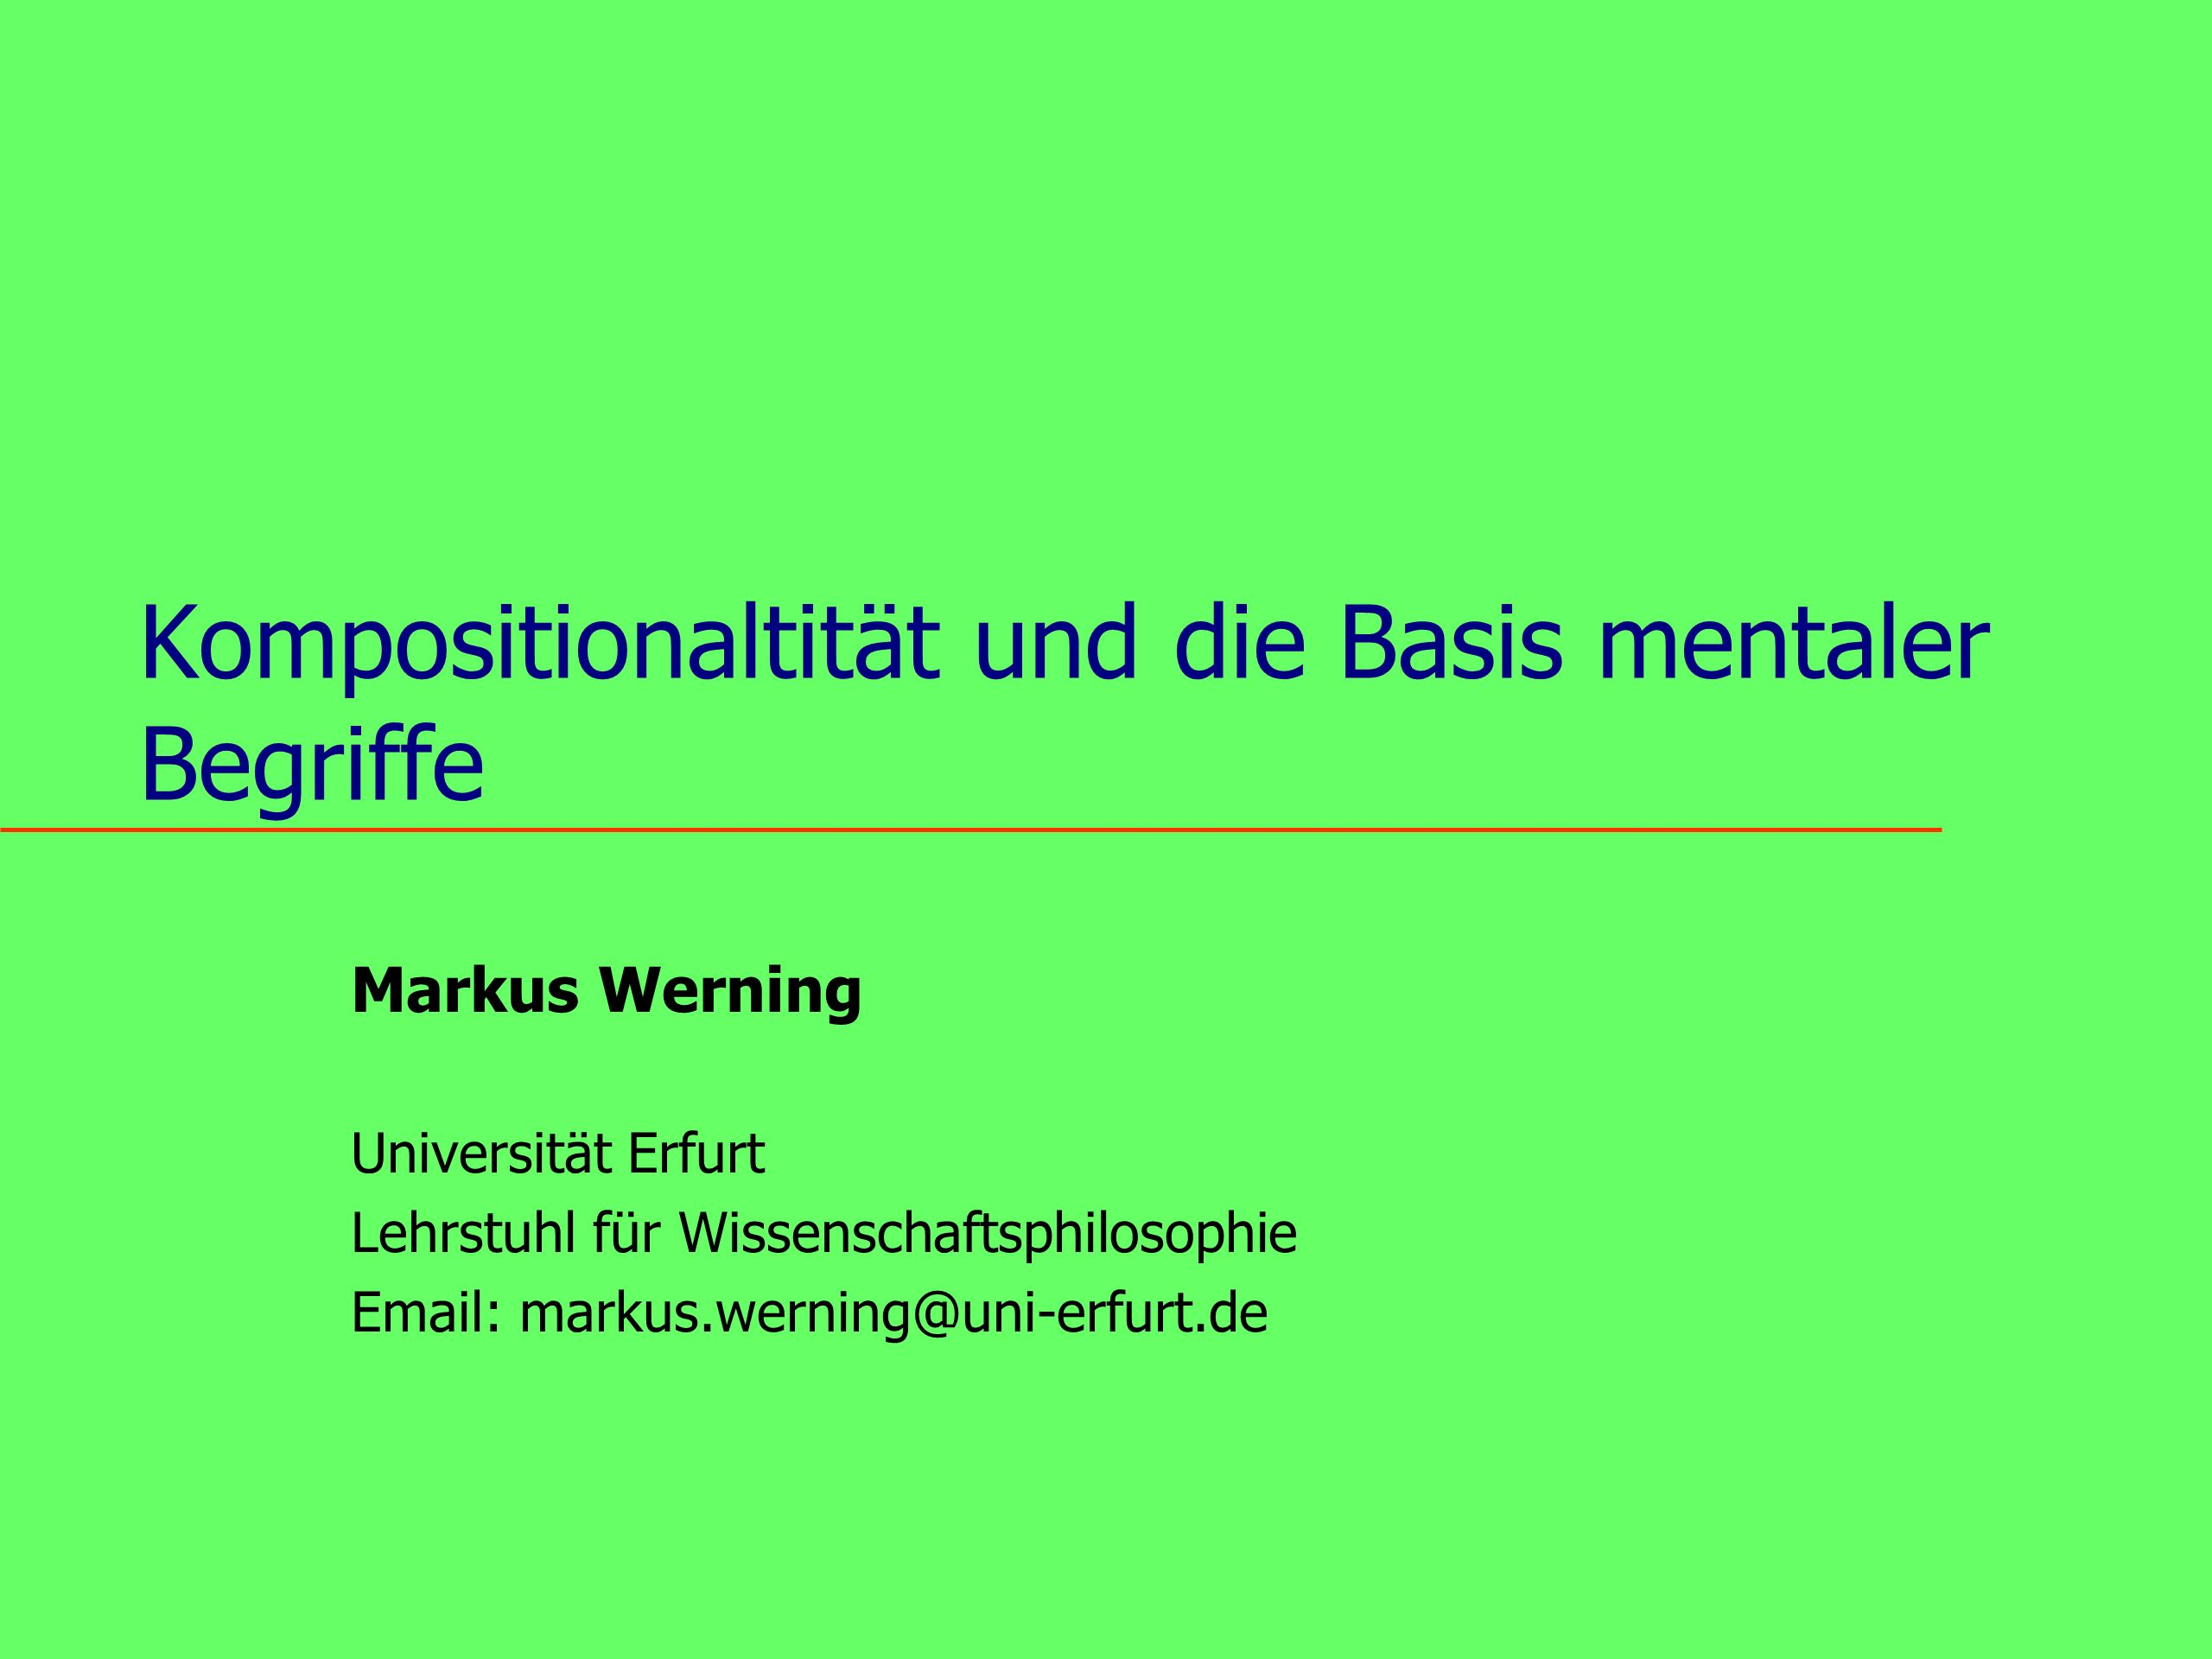 Kompositionaltität und die Basis mentaler Begriffe Markus Werning Universität Erfurt Lehrstuhl für Wissenschaftsphilosophie Email: markus.werning@uni-erfurt.de